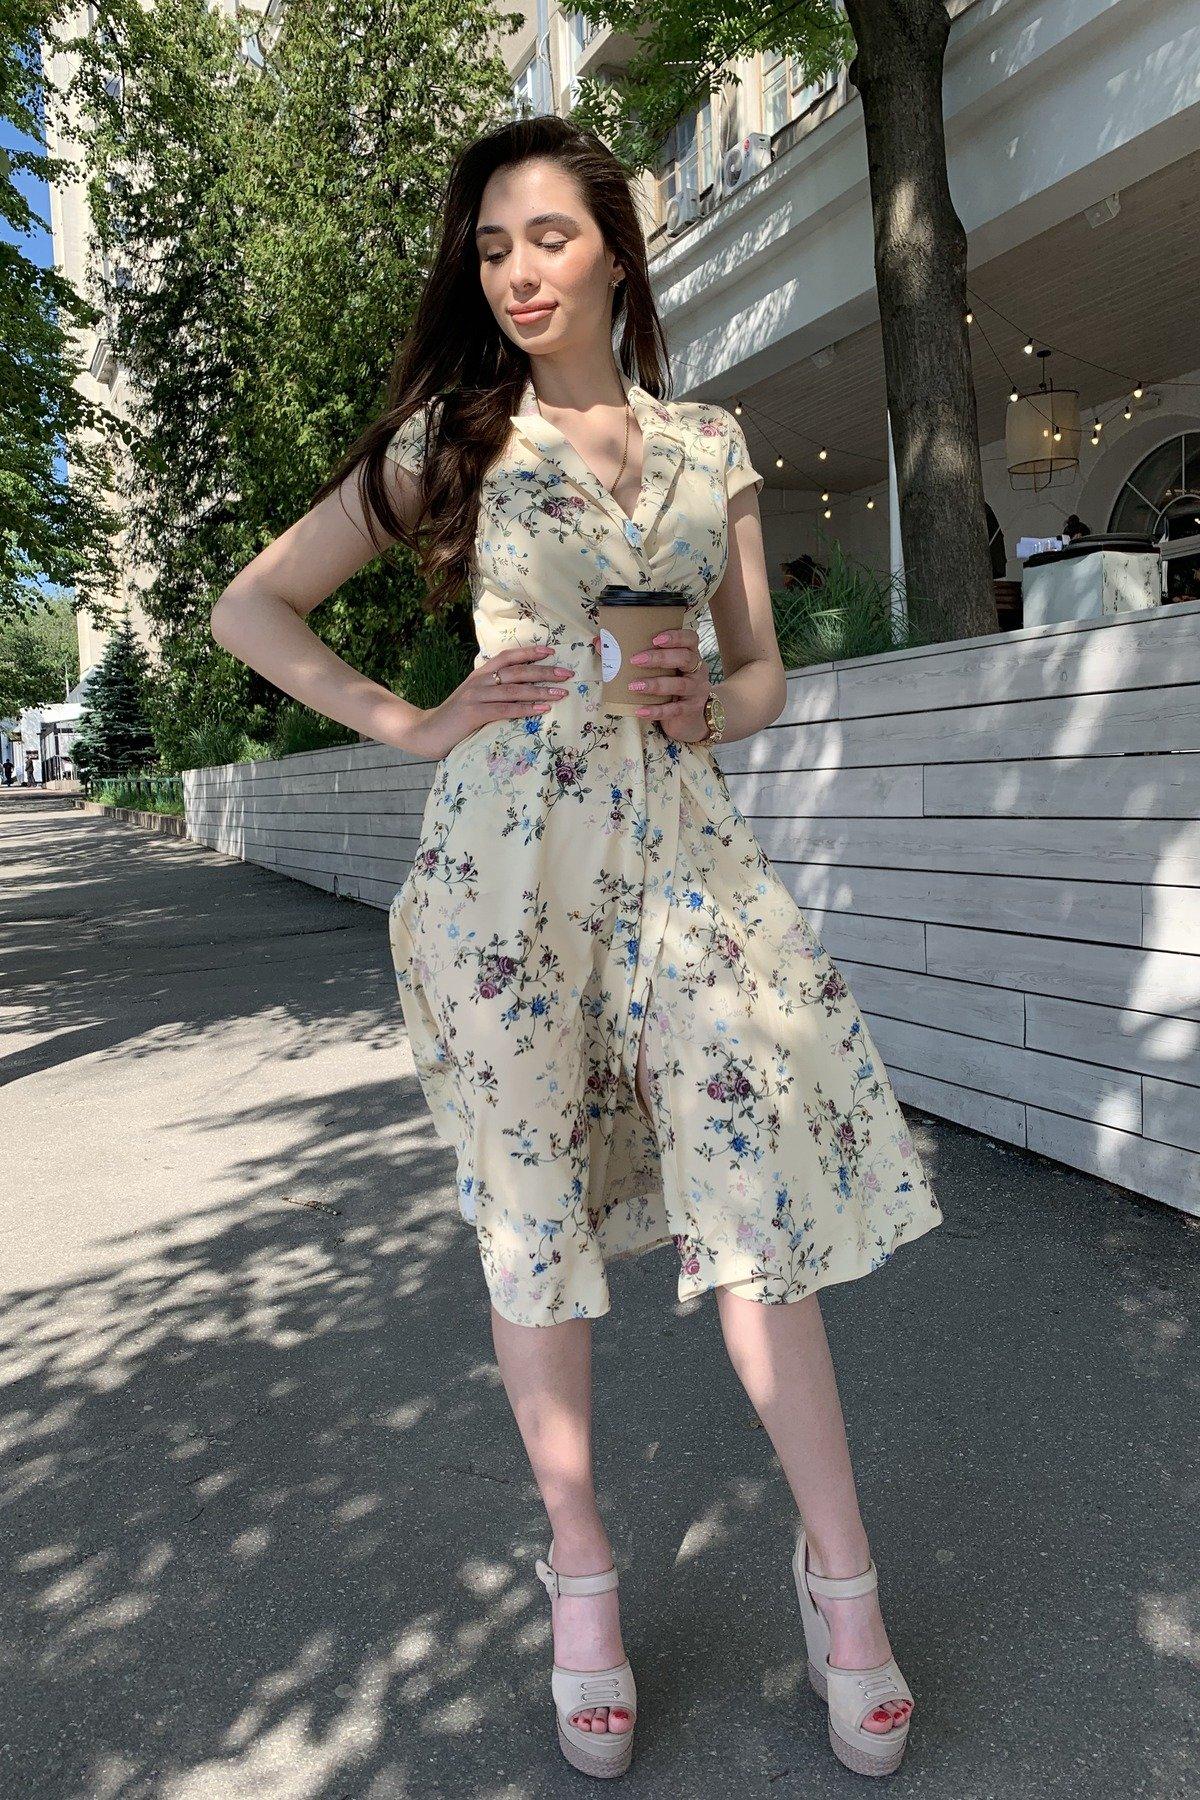 Платье Малья 9088 АРТ. 45704 Цвет: Цветы комби св.беж/голуб - фото 5, интернет магазин tm-modus.ru